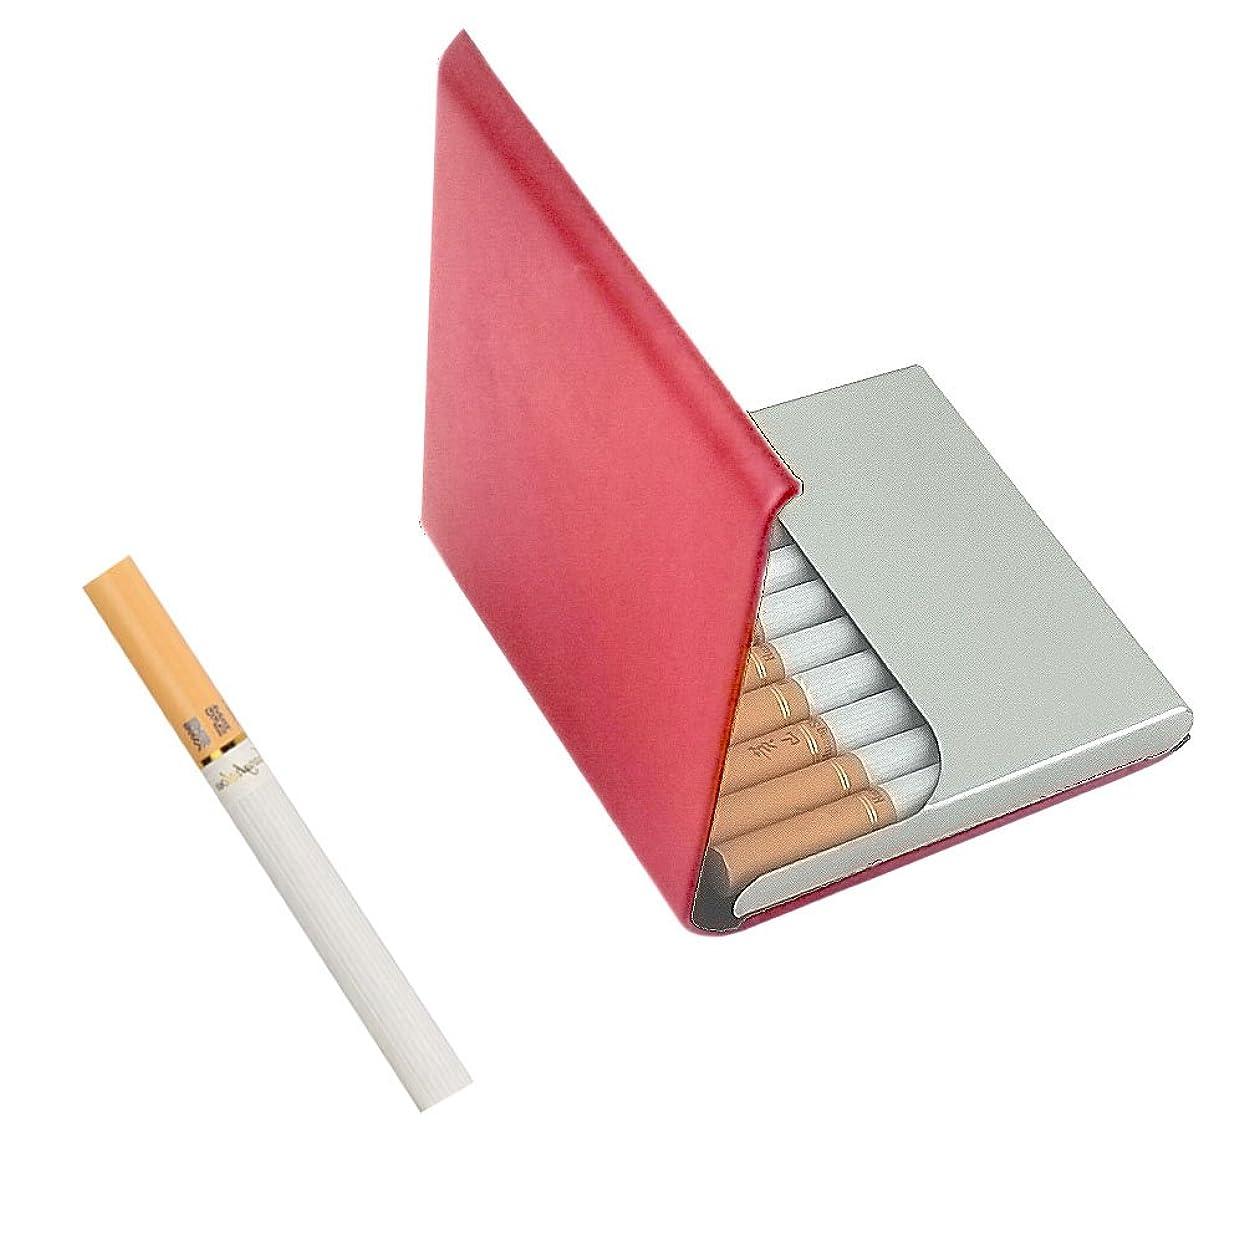 南極形成過半数カードボックス/カードケース/タバコ ケース ロングサイズ(84mm) 10本収納 スリム 磁気バックル (ワインレッド)